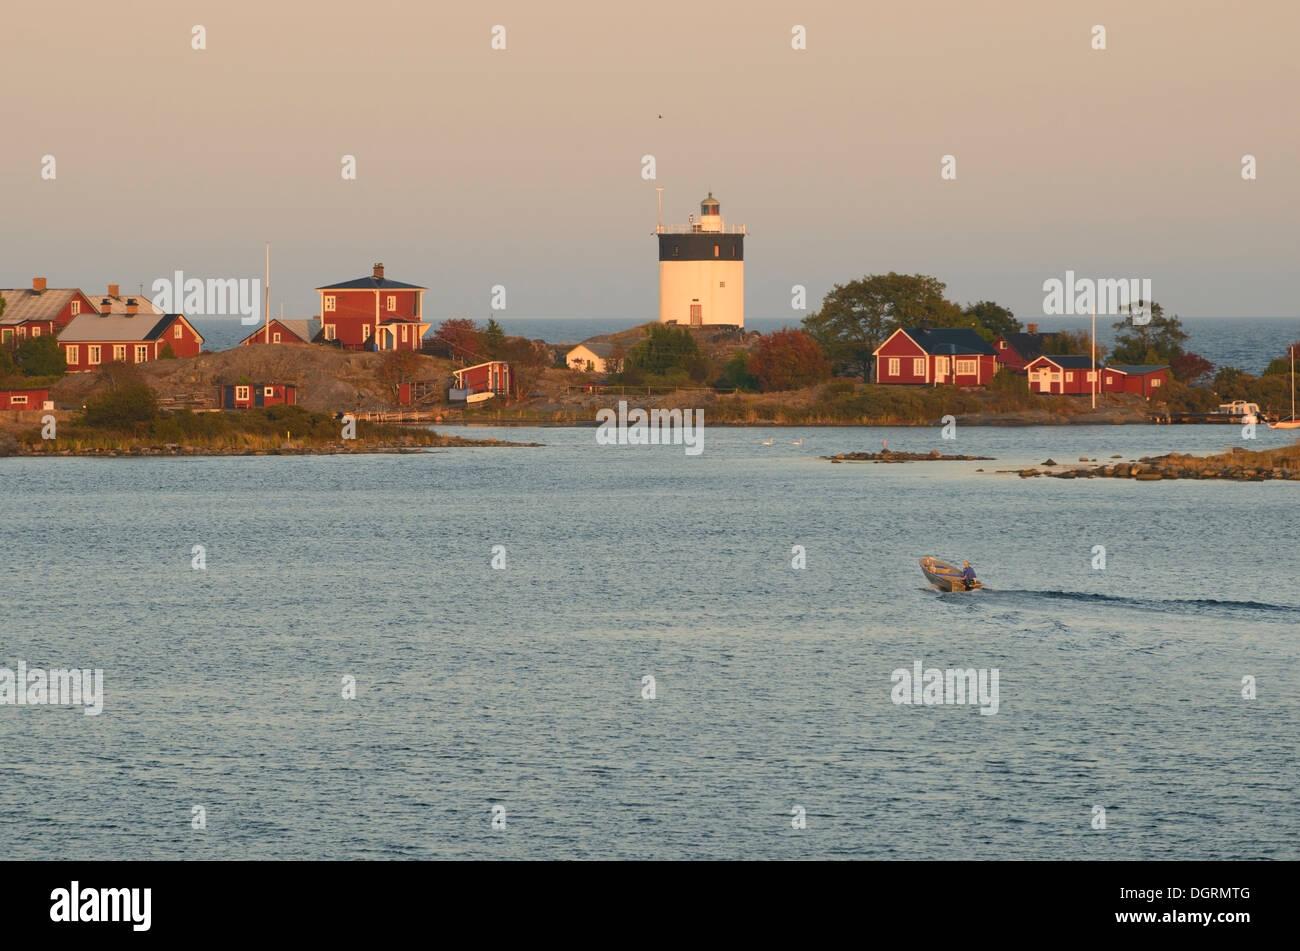 Stockholm archipelago sunset Stock Photo